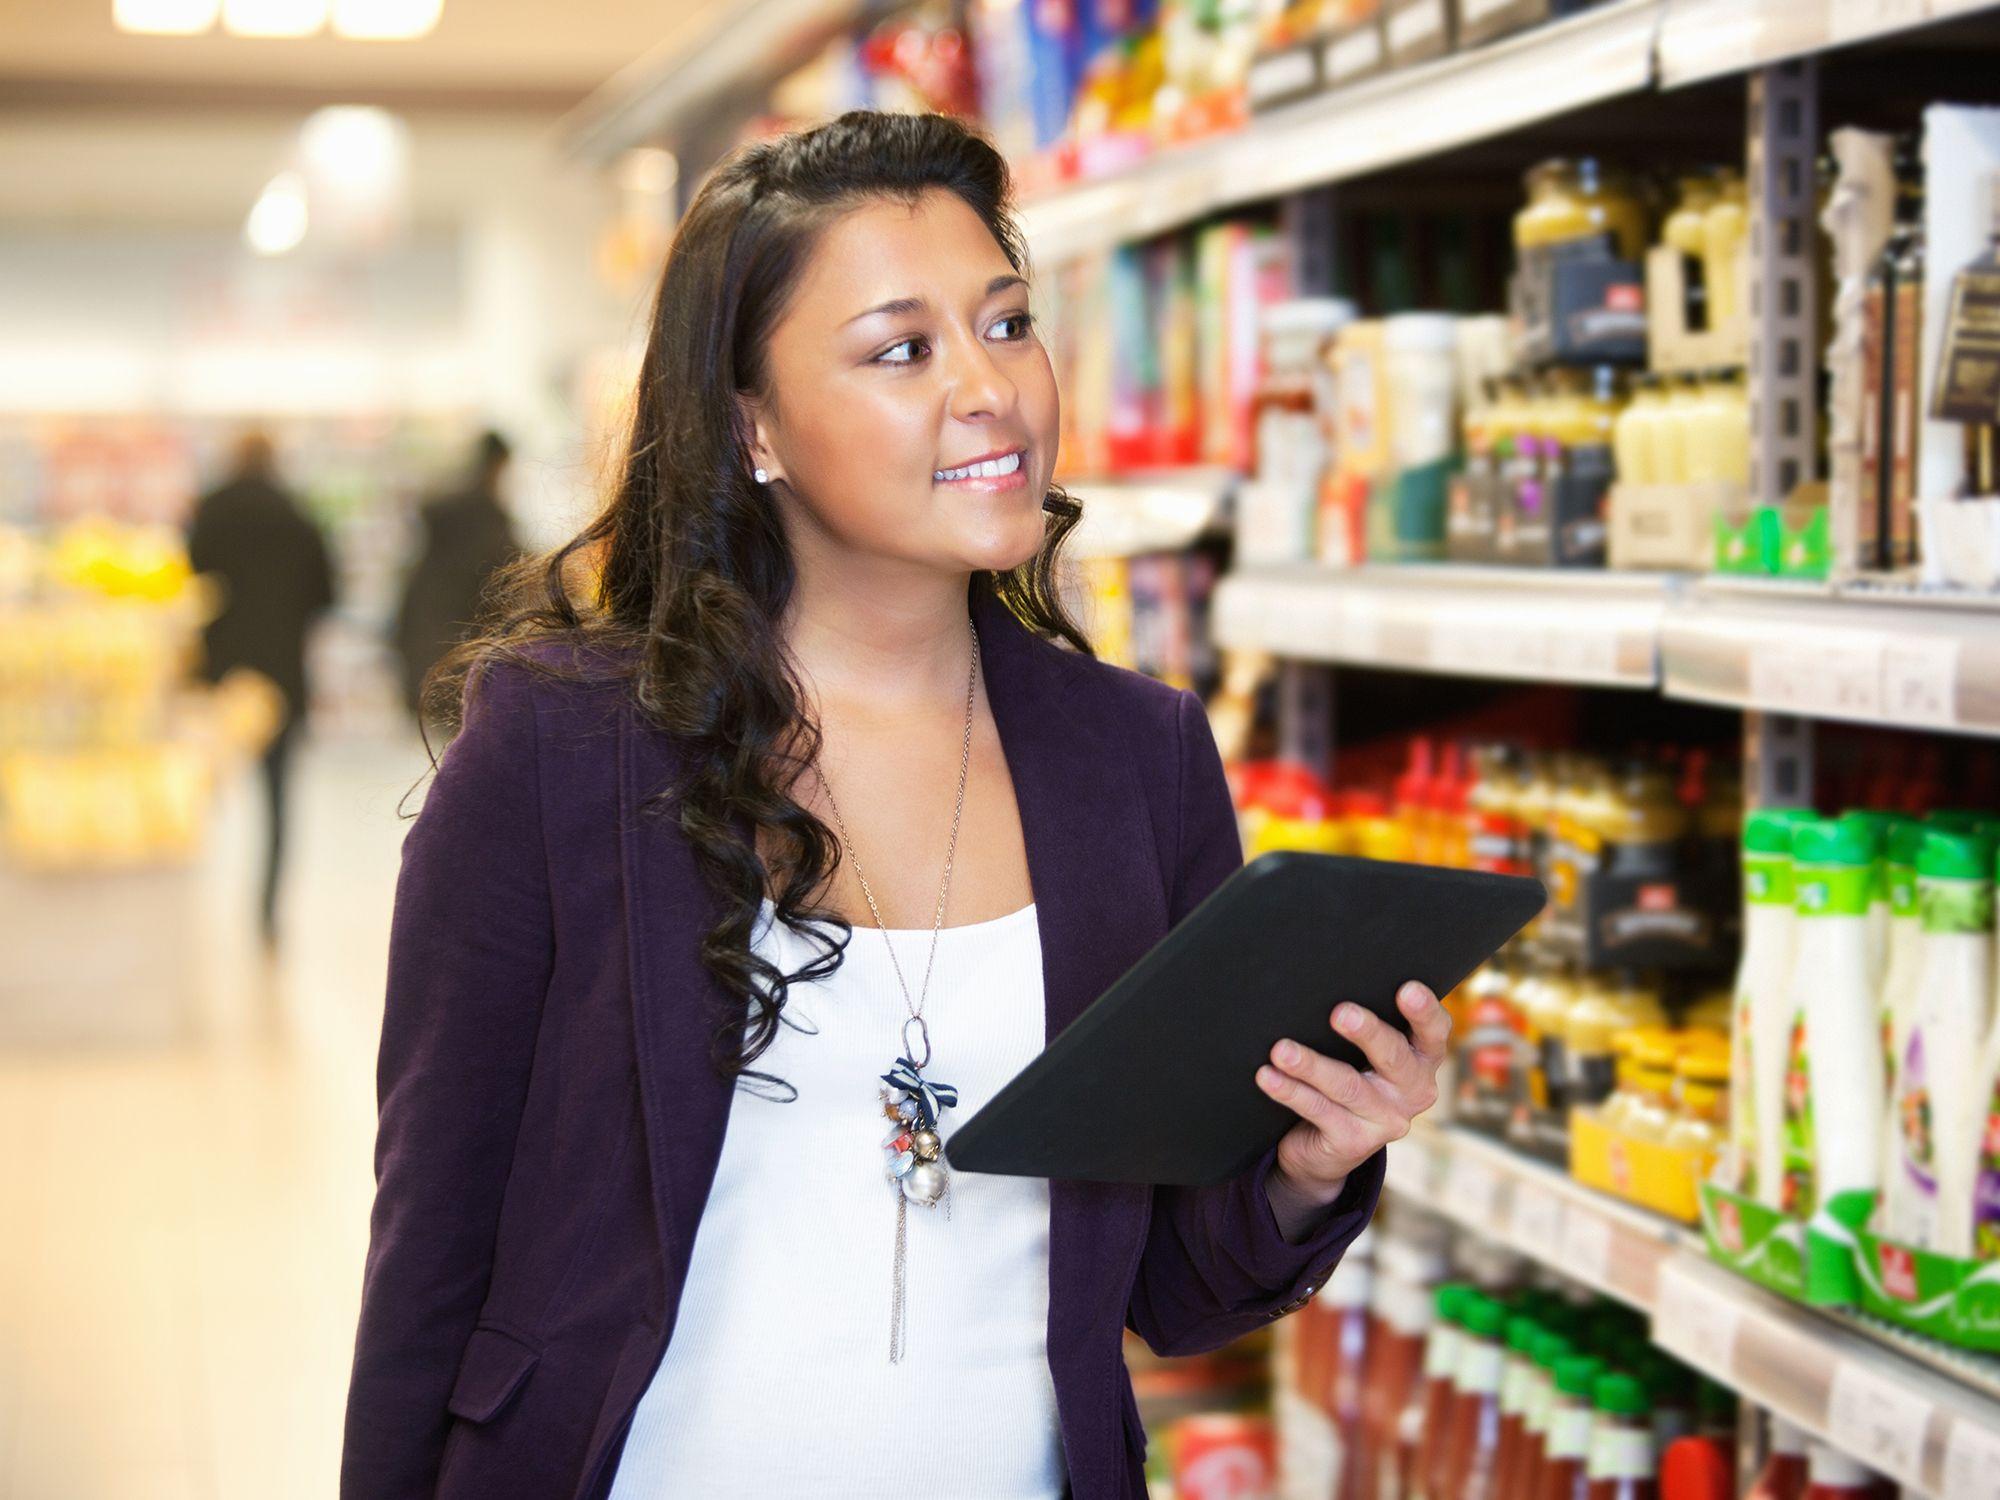 Level 2 - Testkäufer, Servicetester, Mysterychecker, Mystery Käufer, Mystery Tester, Produkttester, Supermarkt Tester, Testkunden, Leiharbeiter, Zeitarbeiter, Leiharbeitnehmer, Leihkraft, Temporärarbeiter für den Einzelhandel, Testkauf, Kundenservice, Kundenbetreuung, Kundenbindung, Außenhandel, Außendienst, Vertrieb, Direktvertrieb, Vertriebsberatung, Verkaufsförderung, Absatzförderung, Verkaufsinnendienst, Verkaufsabteilung und Großhandel bei uns als Personalagentur, Zeitarbeitsfirma, Zeitarbeitsunternehmen, Personal-Service-Agentur, Personaldienstleistungsagentur und Leiharbeitsfirma per Arbeitnehmer-Leasing, Arbeitnehmerüberlassung, Arbeitskräfte-Leasing, Arbeitskräfteüberlassung, Arbeitskraftüberlassung, Leiharbeit, Mitarbeiter-Leasing, Mitarbeiterleasing, Mitarbeiterüberlassung, Personaldienstleistung, Personalleasing, Personalüberlassung, Temporärarbeit, Zeitarbeit buchen, mieten, leihen oder langfristig neue Mitarbeiter für Jobs wie Schülerjobs, Ferienjobs, Aushilfsjobs, Studentenjobs, Werkstudentenjobs, Saisonjobs, Vollzeit Jobs, Teilzeit Jobs, Nebenjobs, Temporär Jobs, Gelegenheitsjobs per Personalvermittlung suchen, finden und vermittelt bekommen.